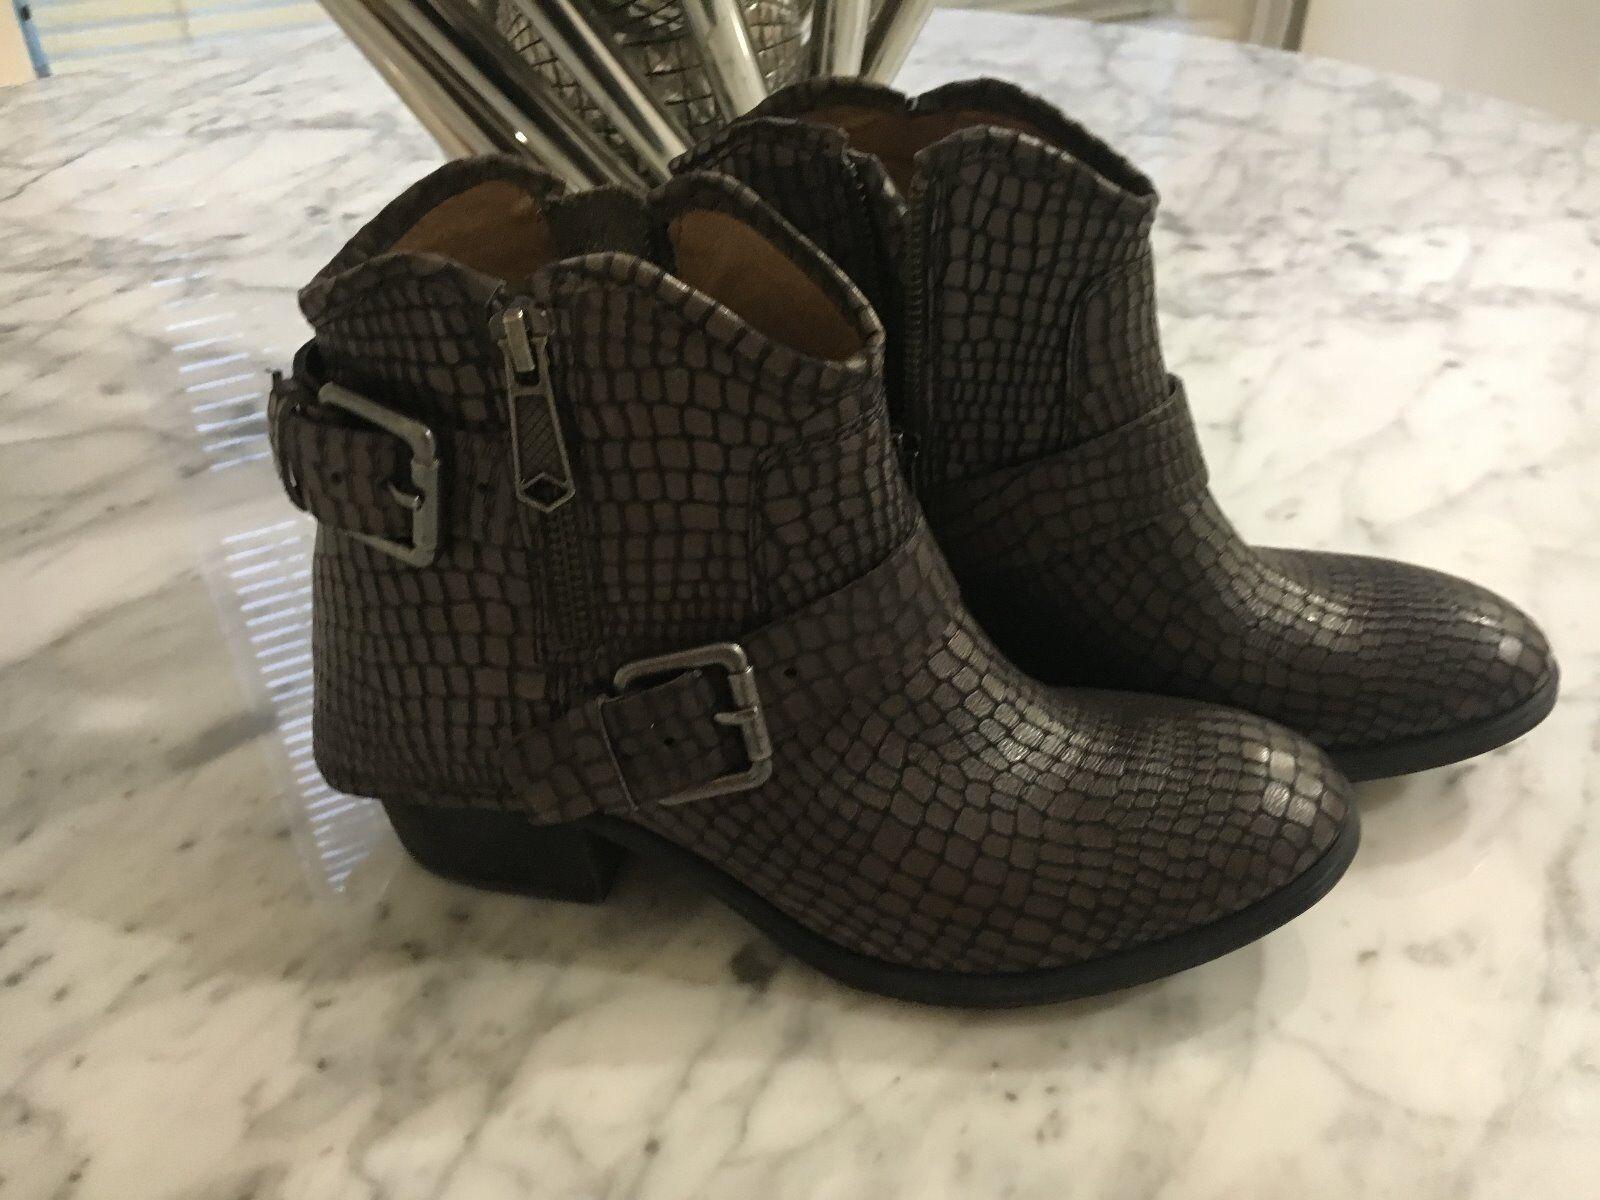 280 NEW Donald J Pliner Braun Dalis Vintage Python Leder Stiefel Ankle Stiefel Leder US 5 d241de